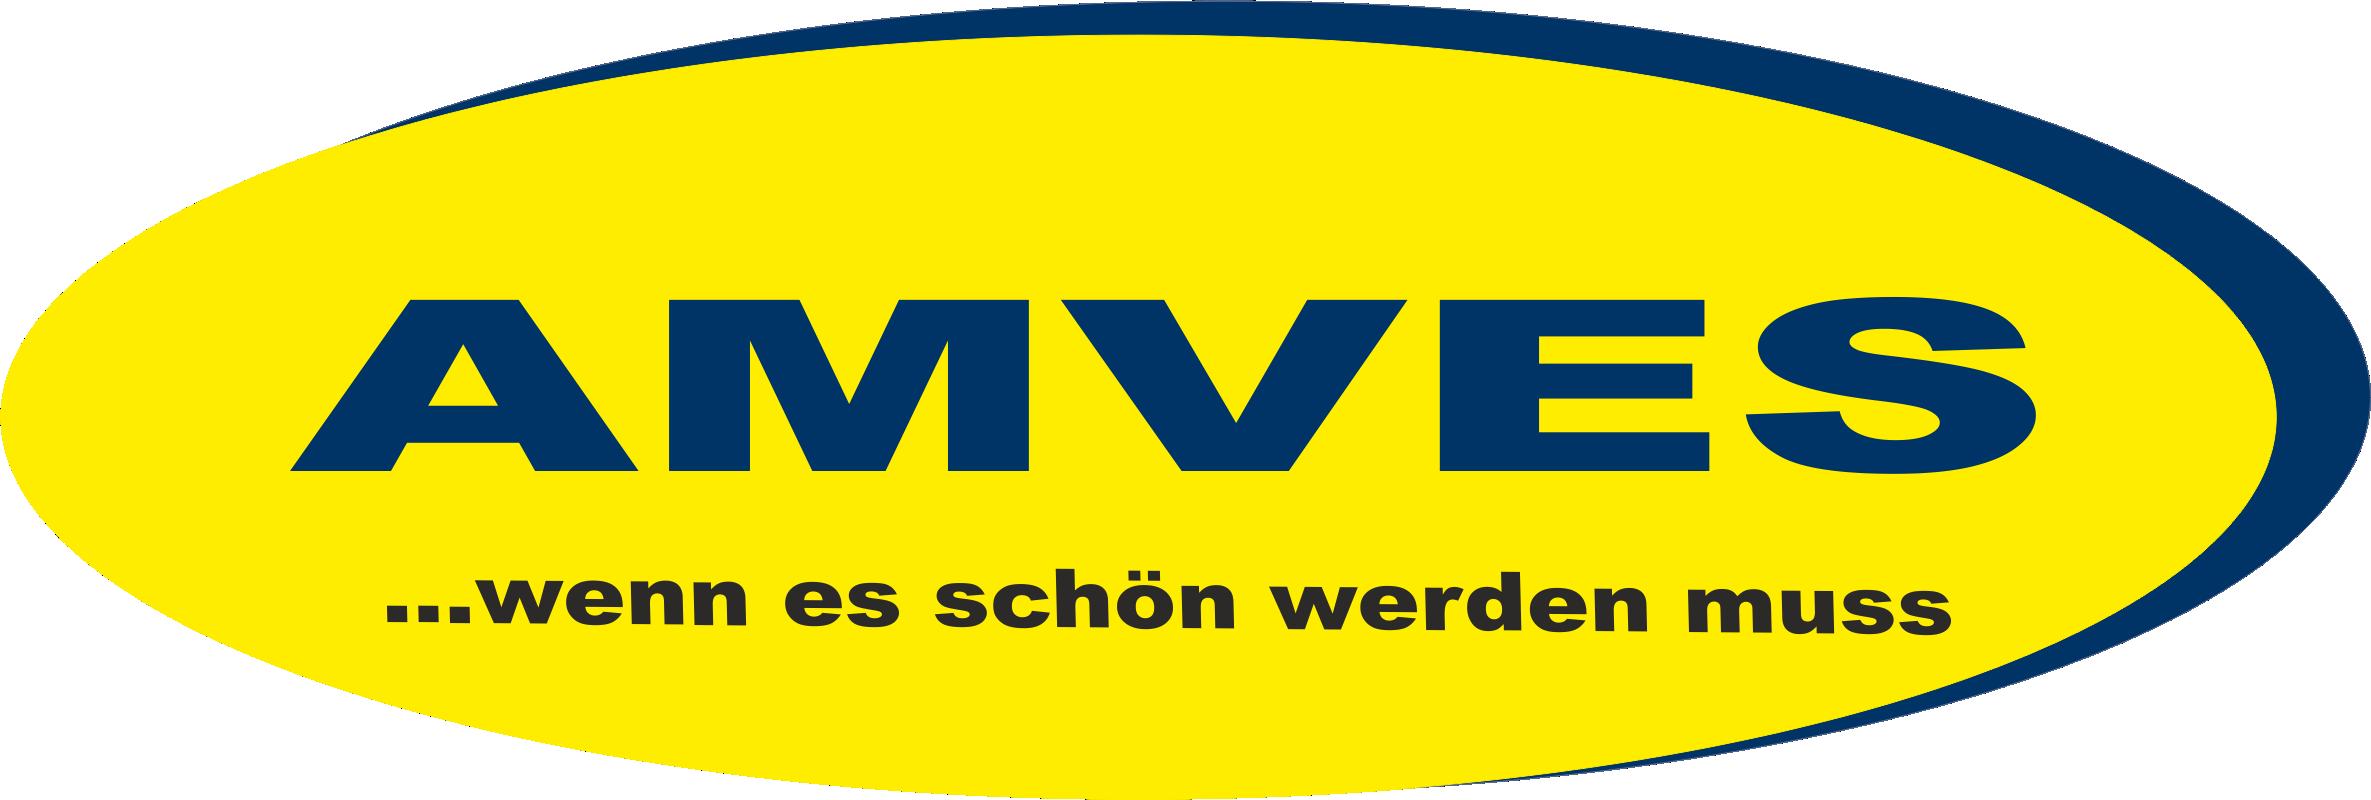 amves-ag-daten-fuer-netztreff-a